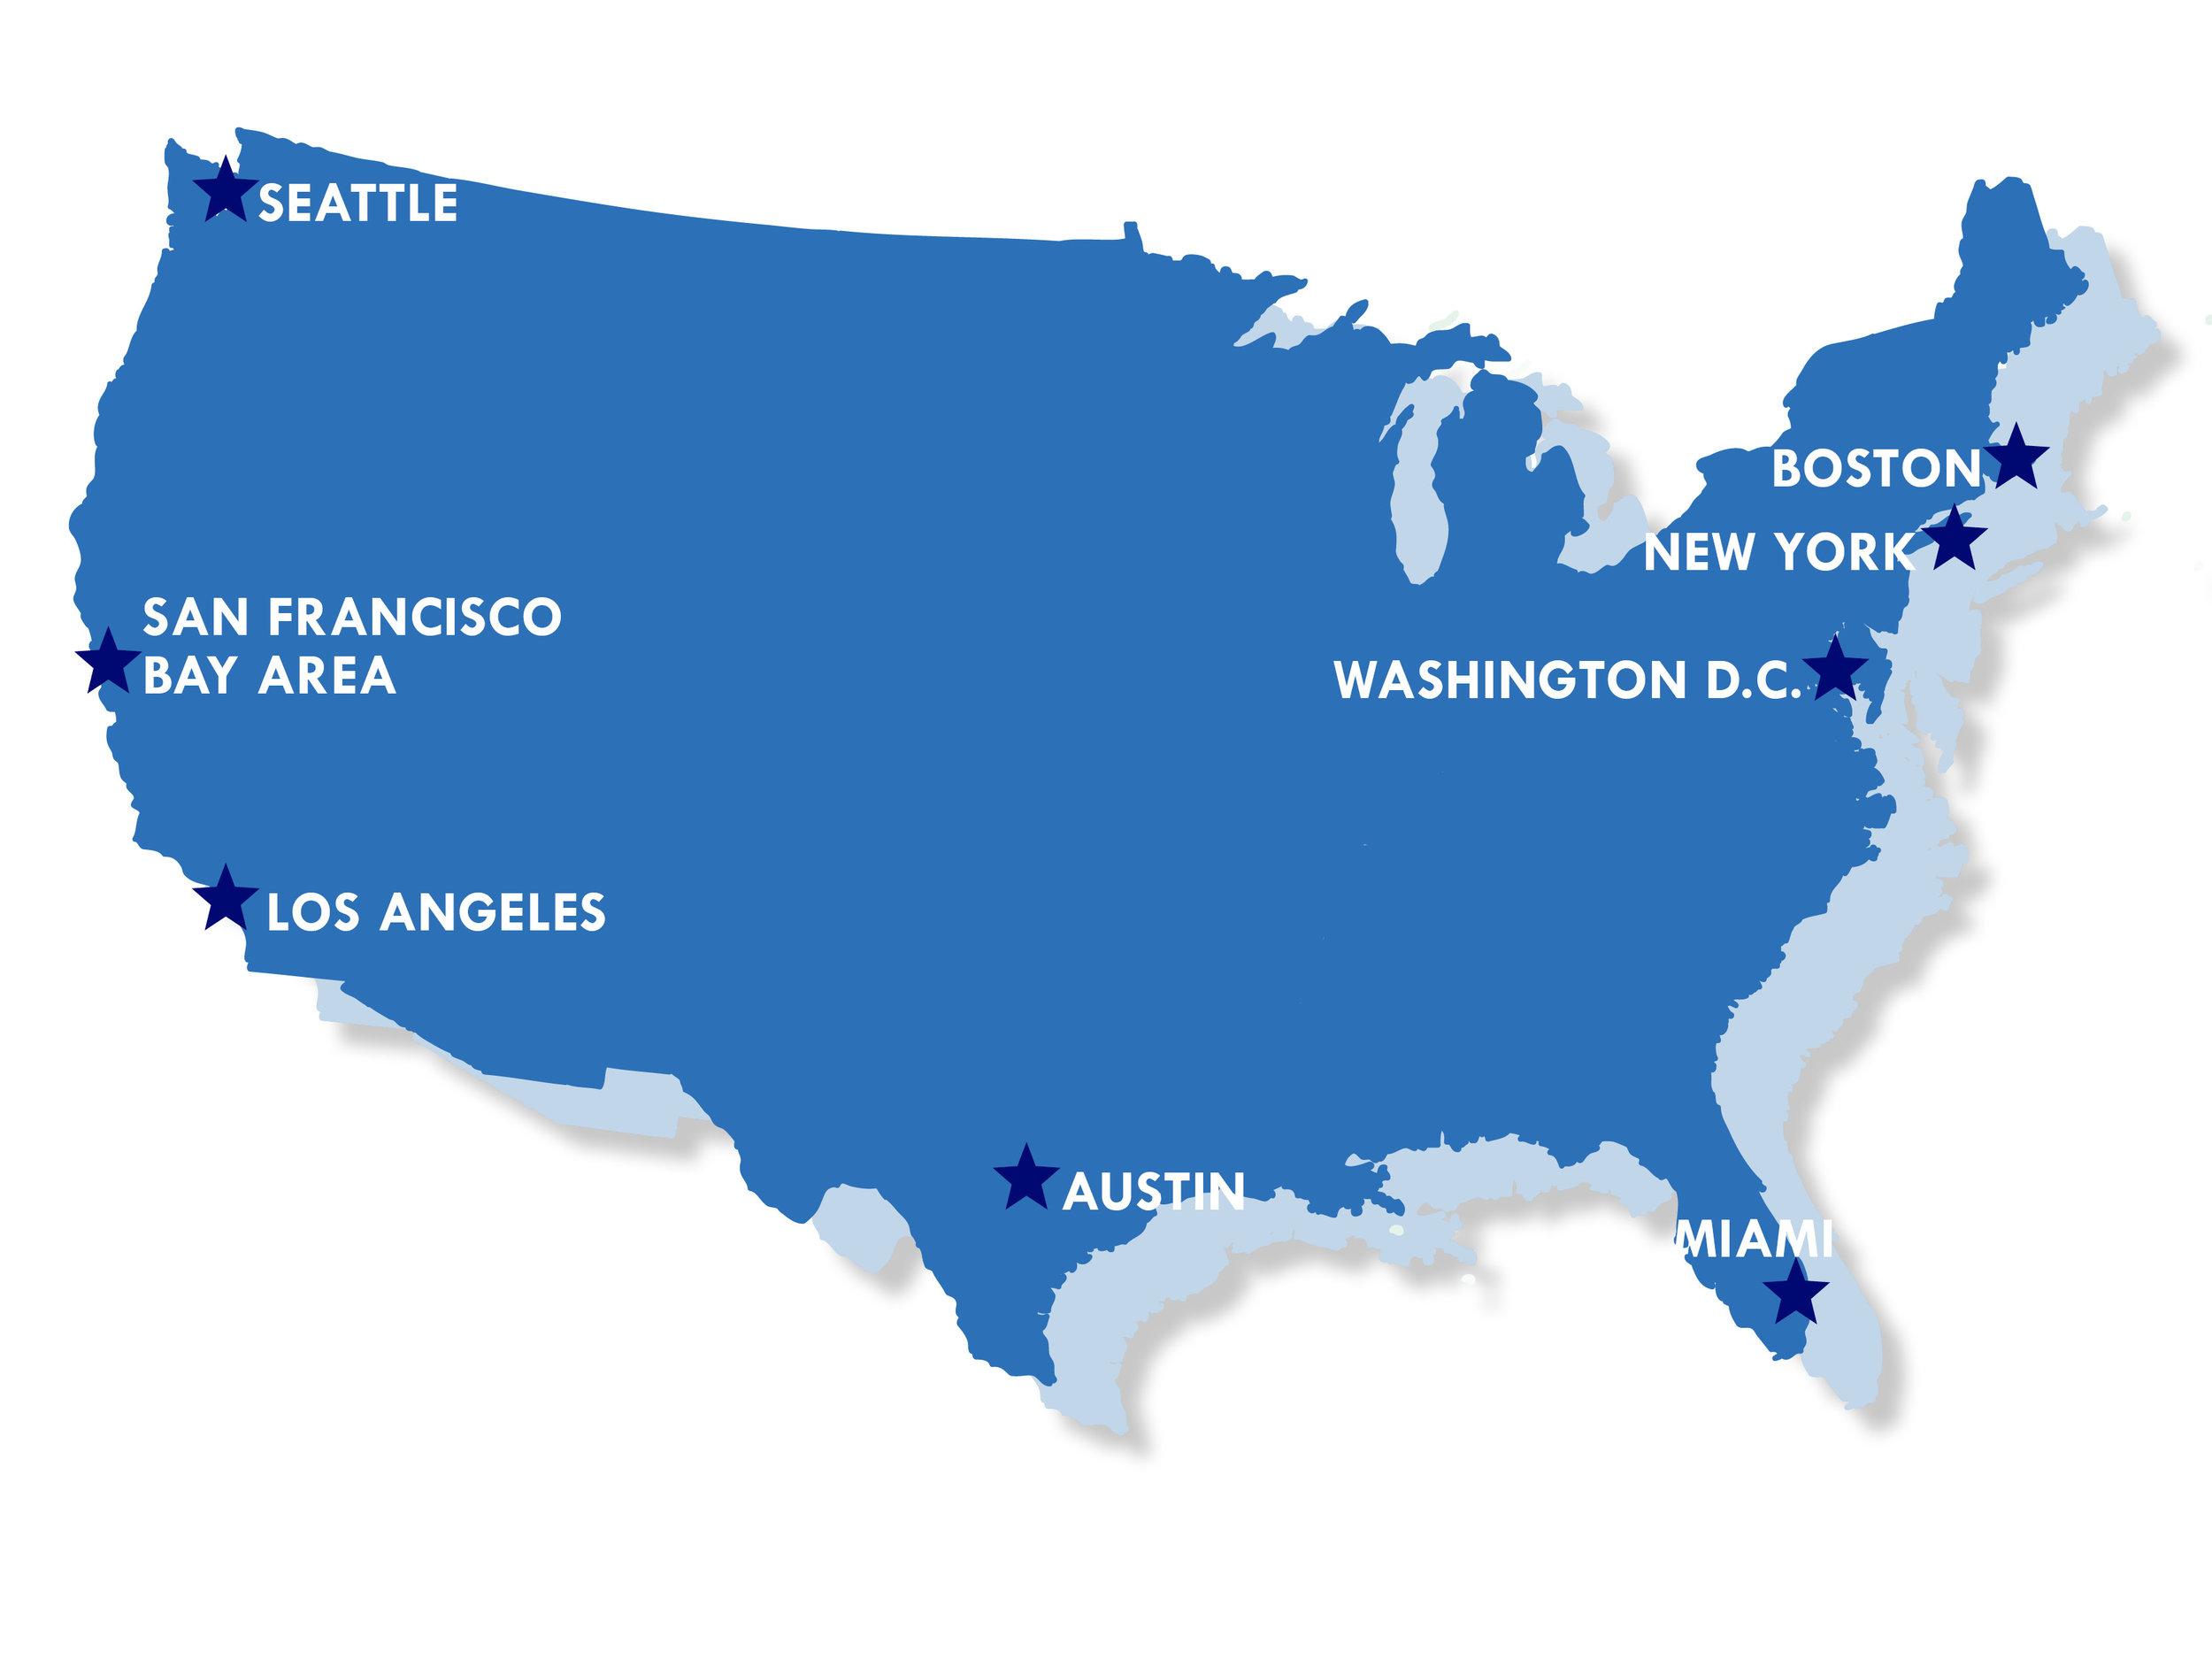 Map of US_Website.jpg